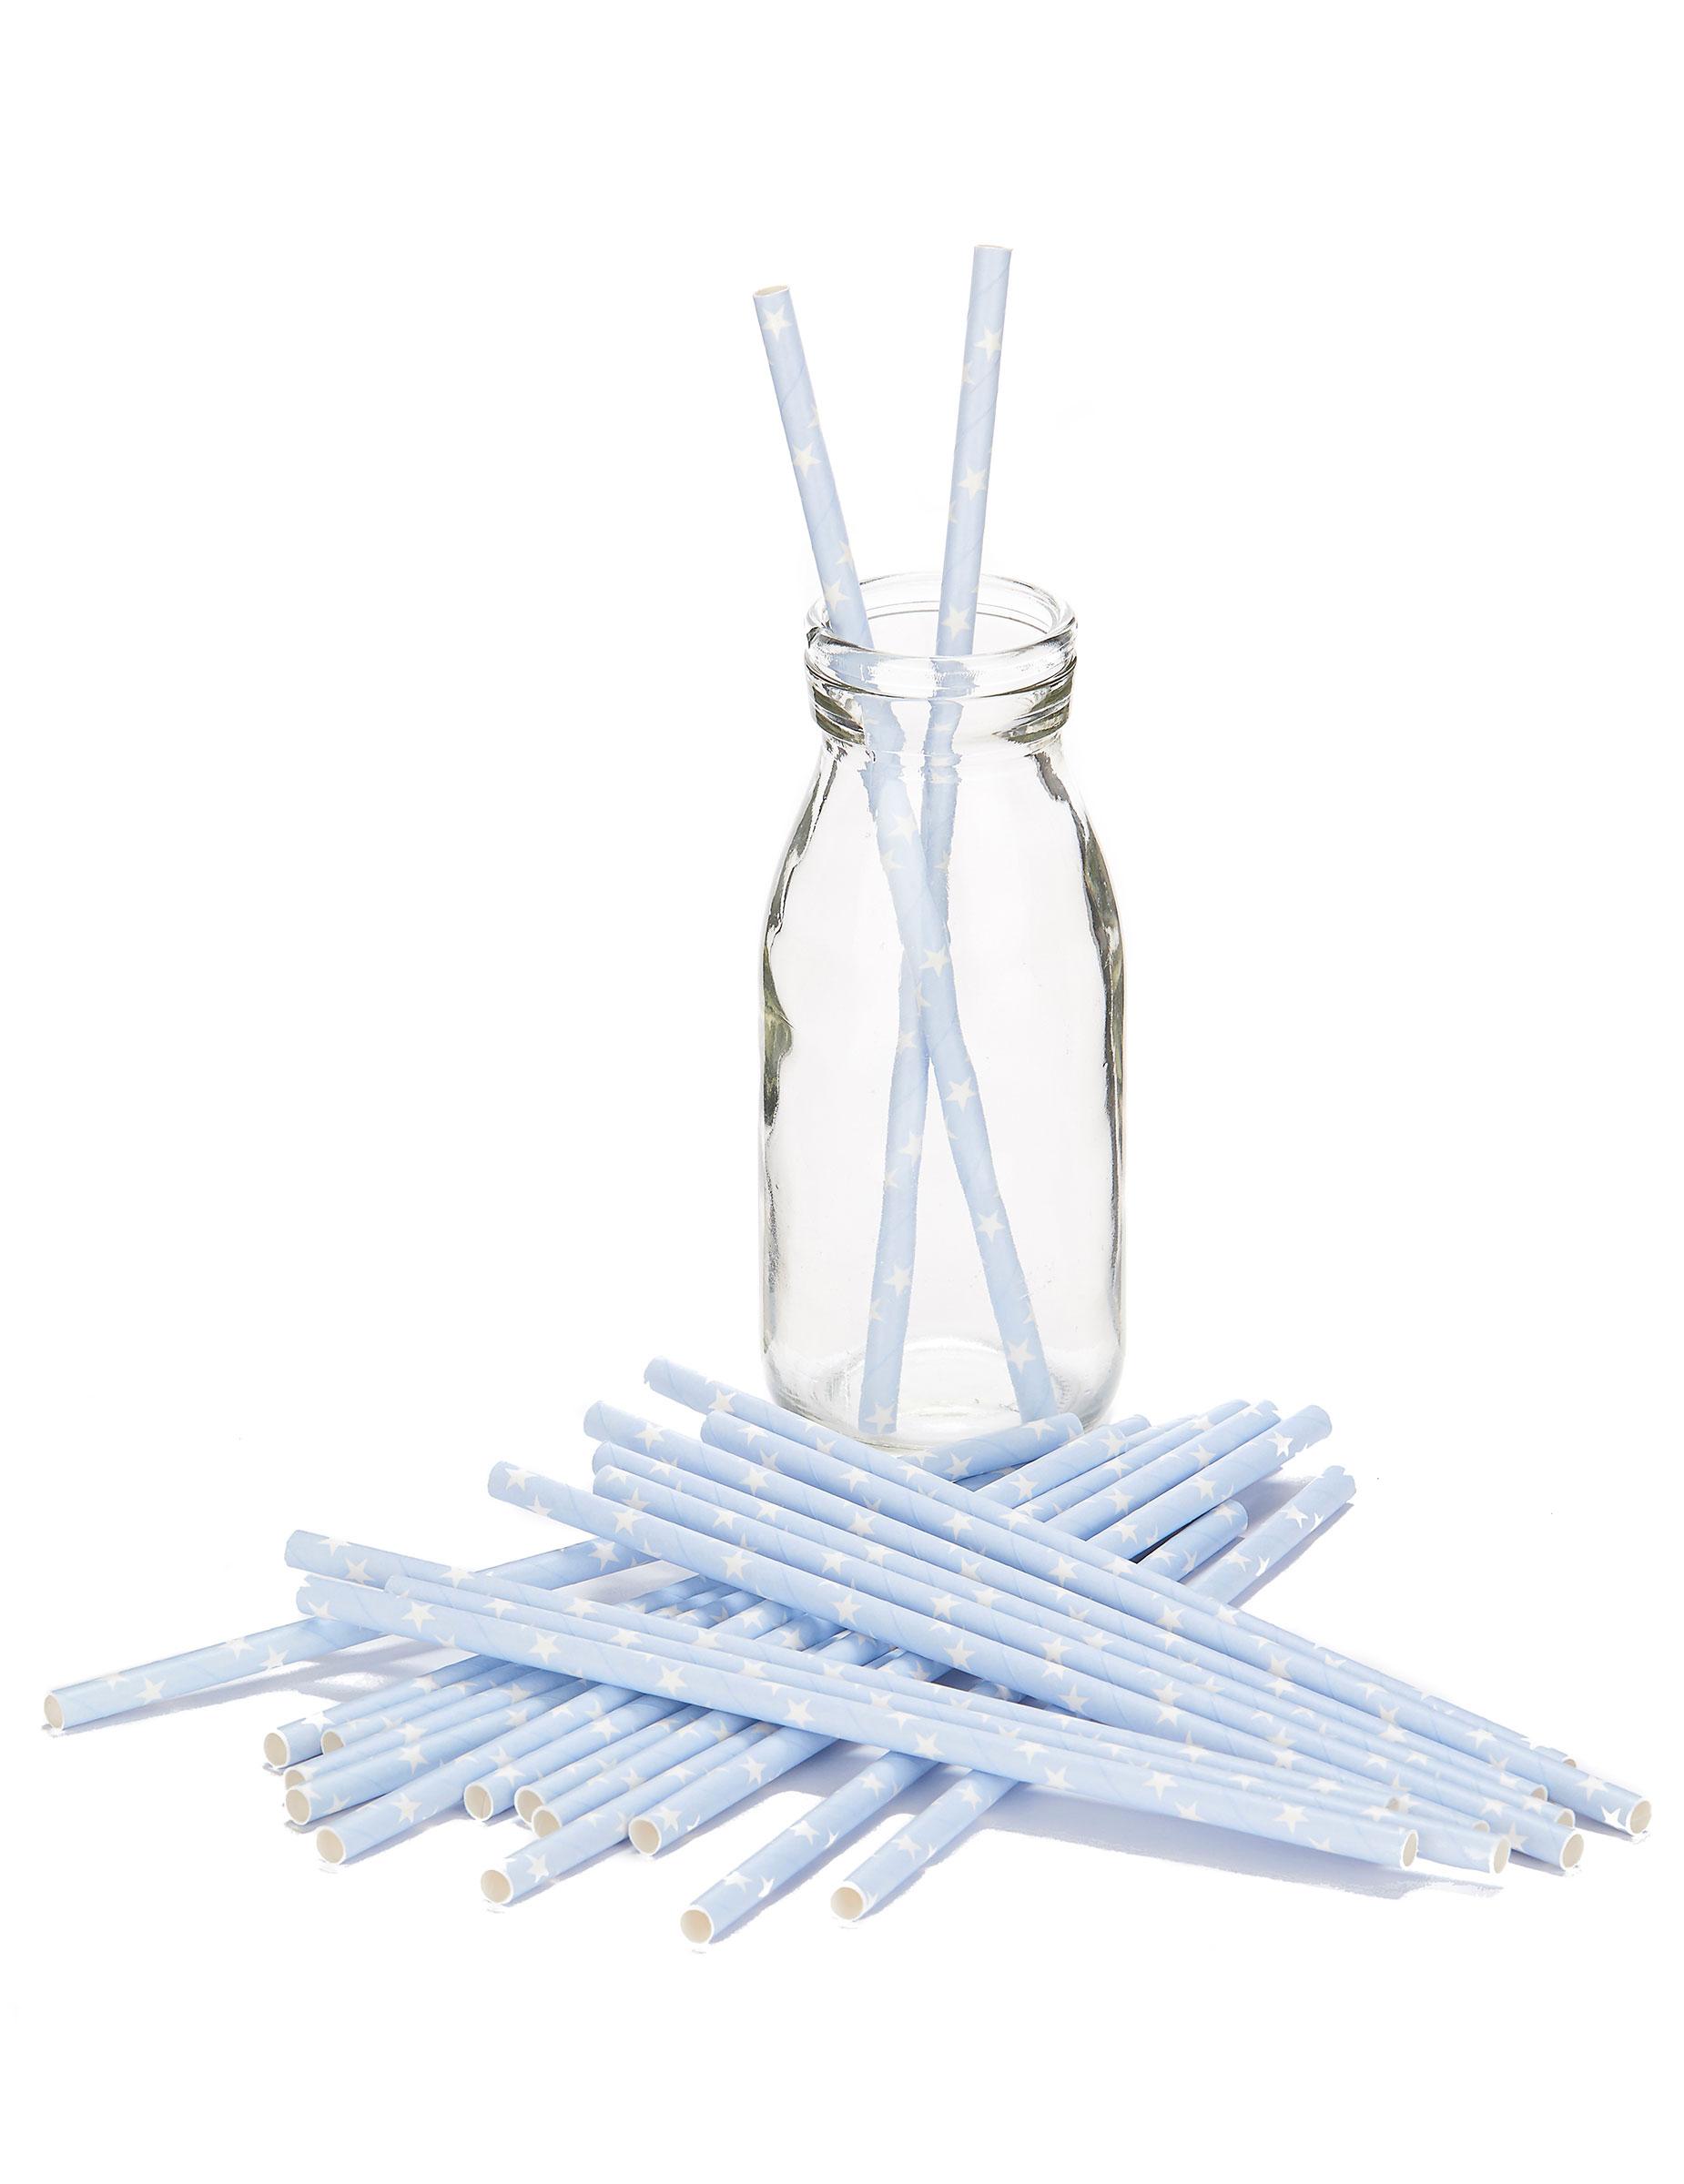 24 pailles bleu ciel toiles blanches d coration anniversaire et f tes th me sur vegaoo party. Black Bedroom Furniture Sets. Home Design Ideas